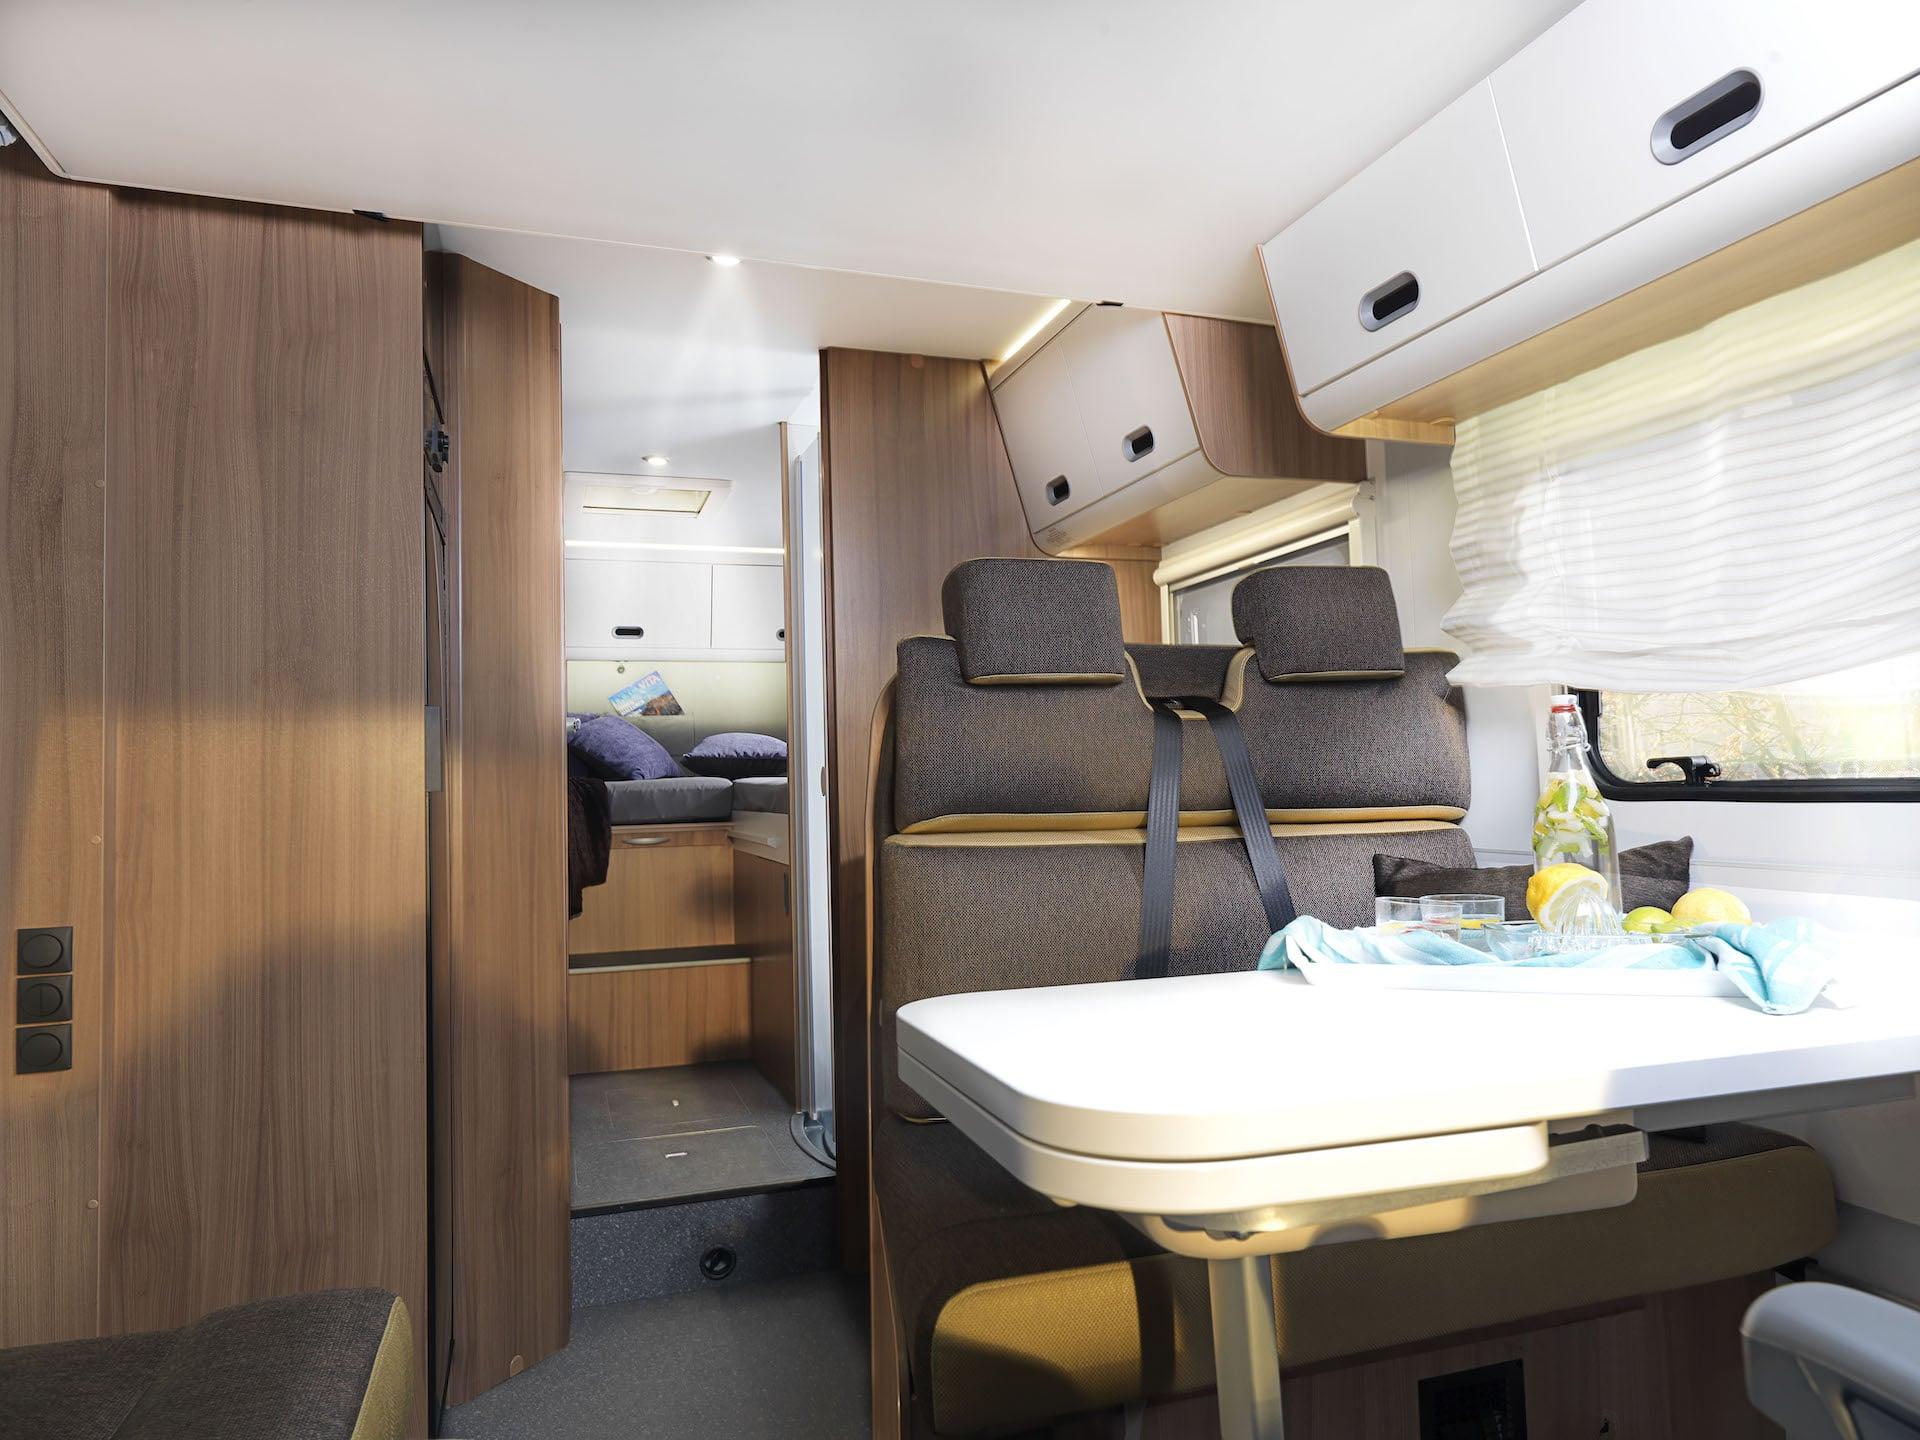 Sitz- und Wohnbereich eines Reisemobils